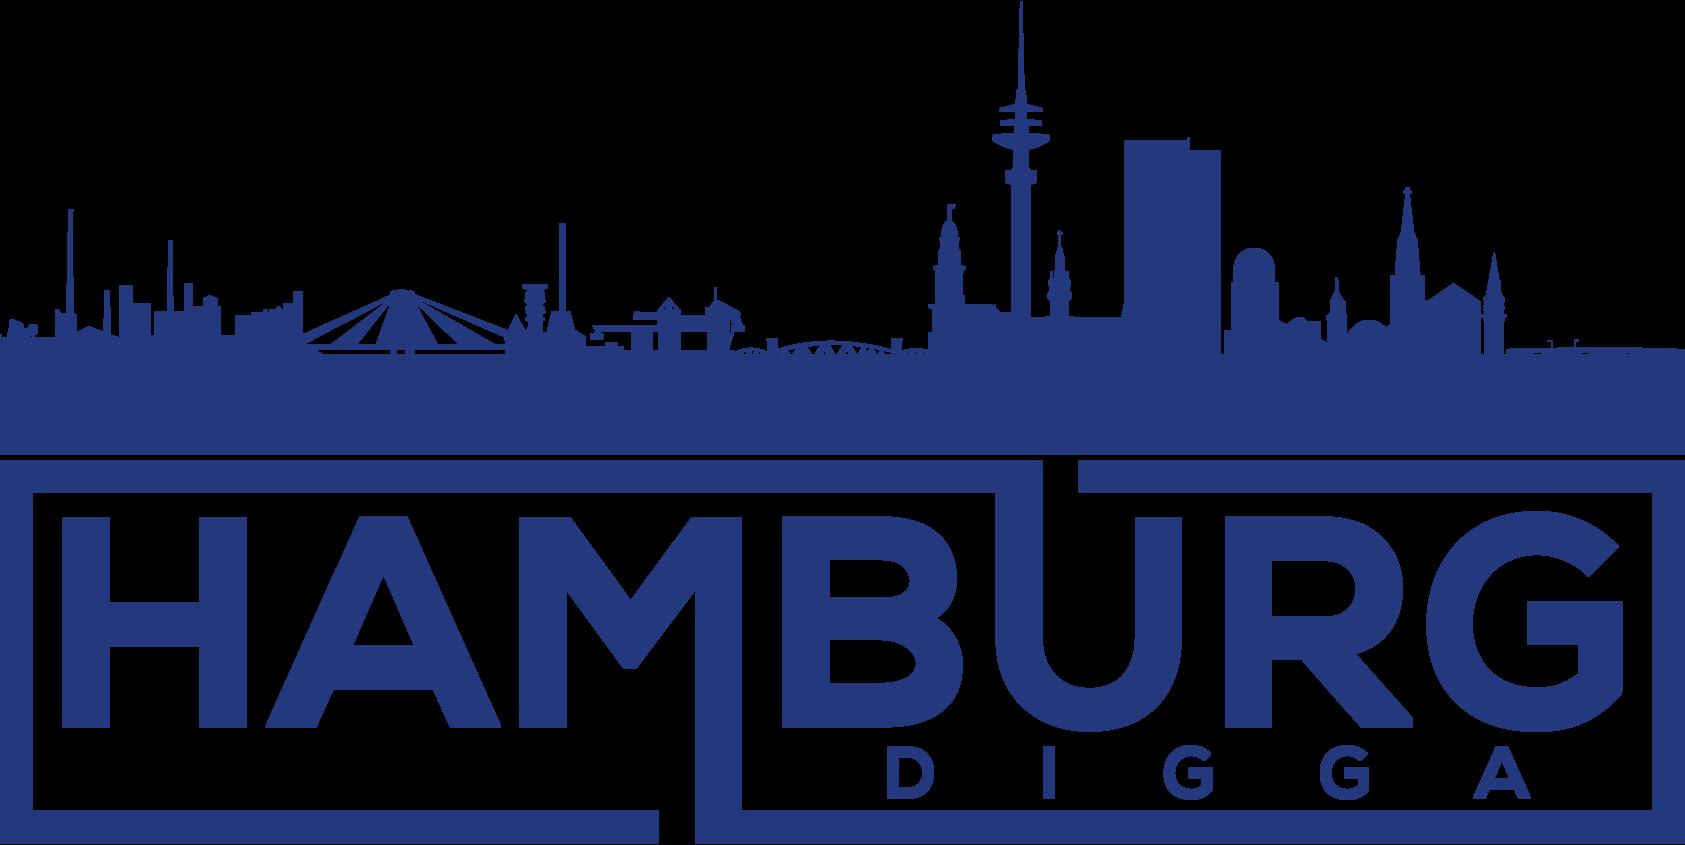 HAMBURG DIGGA